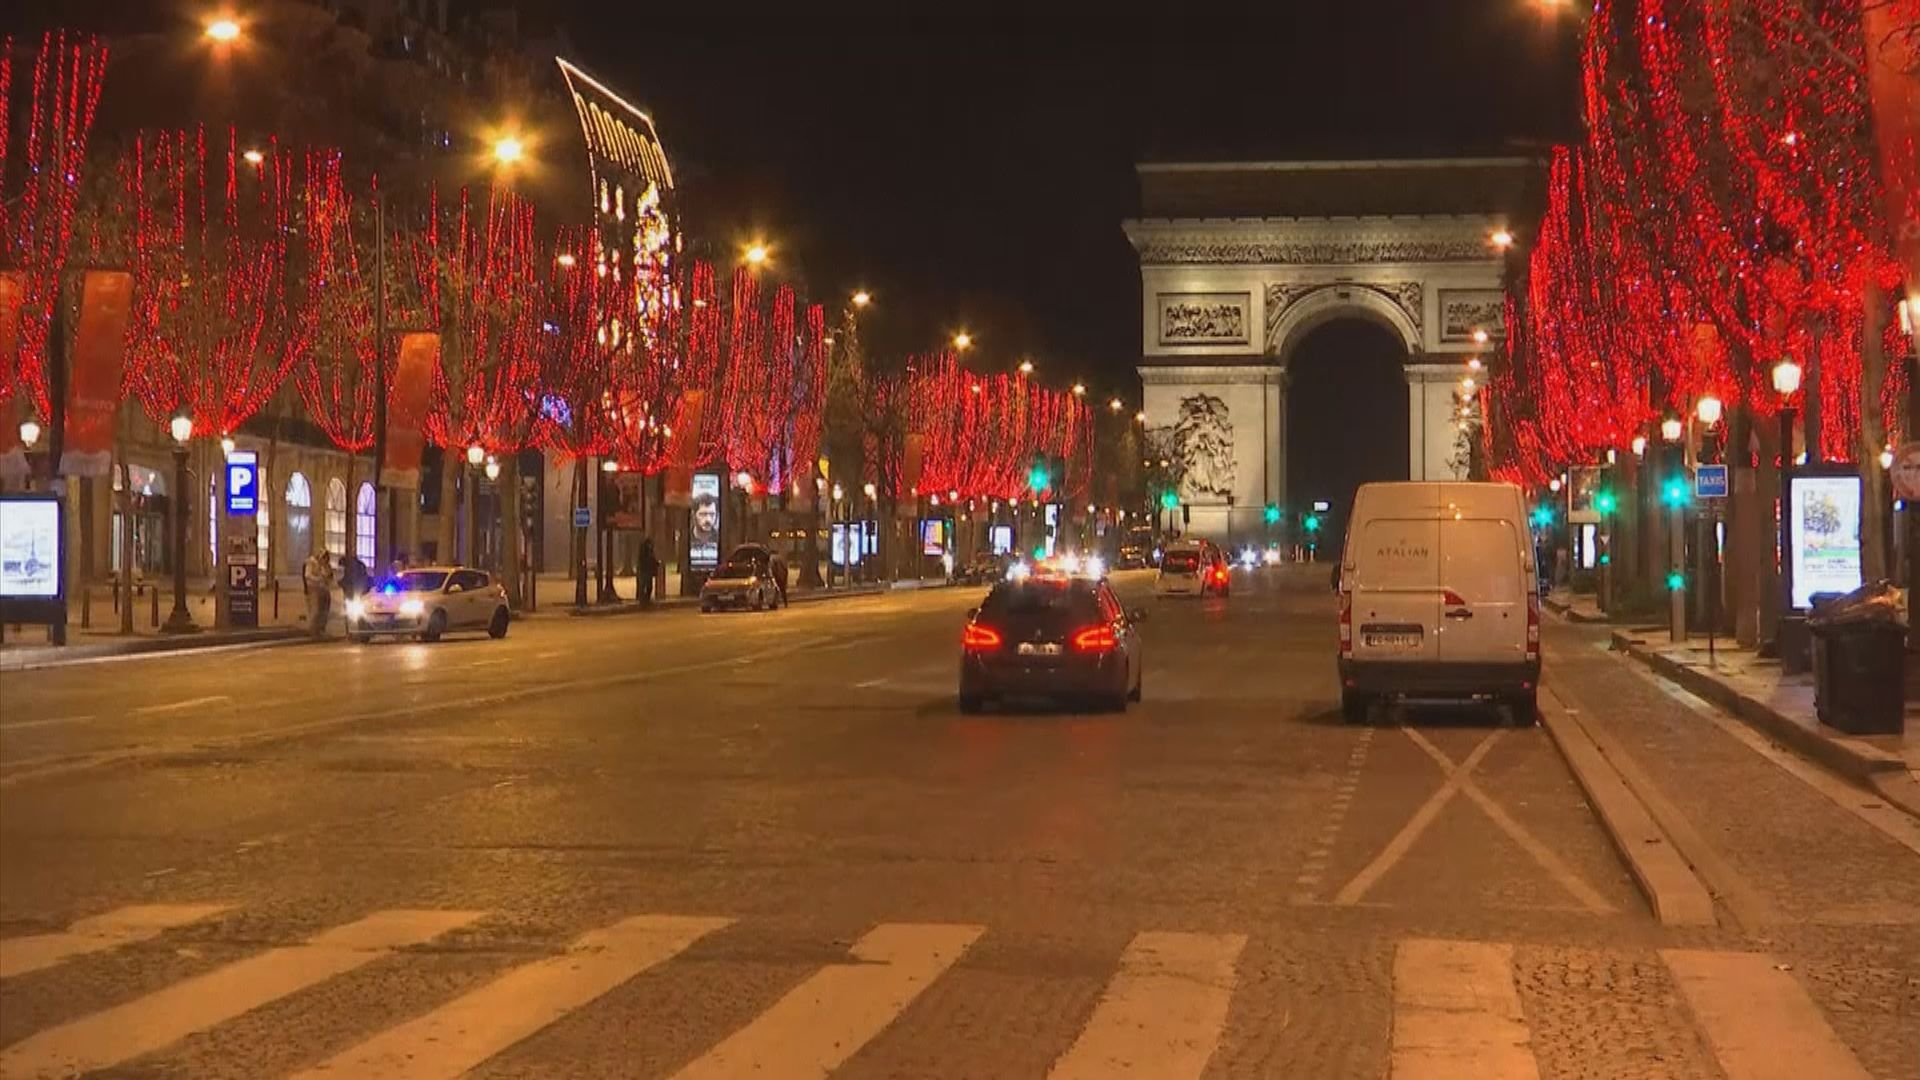 歐洲多國加強防疫限制 除夕夜街上氣氛冷清